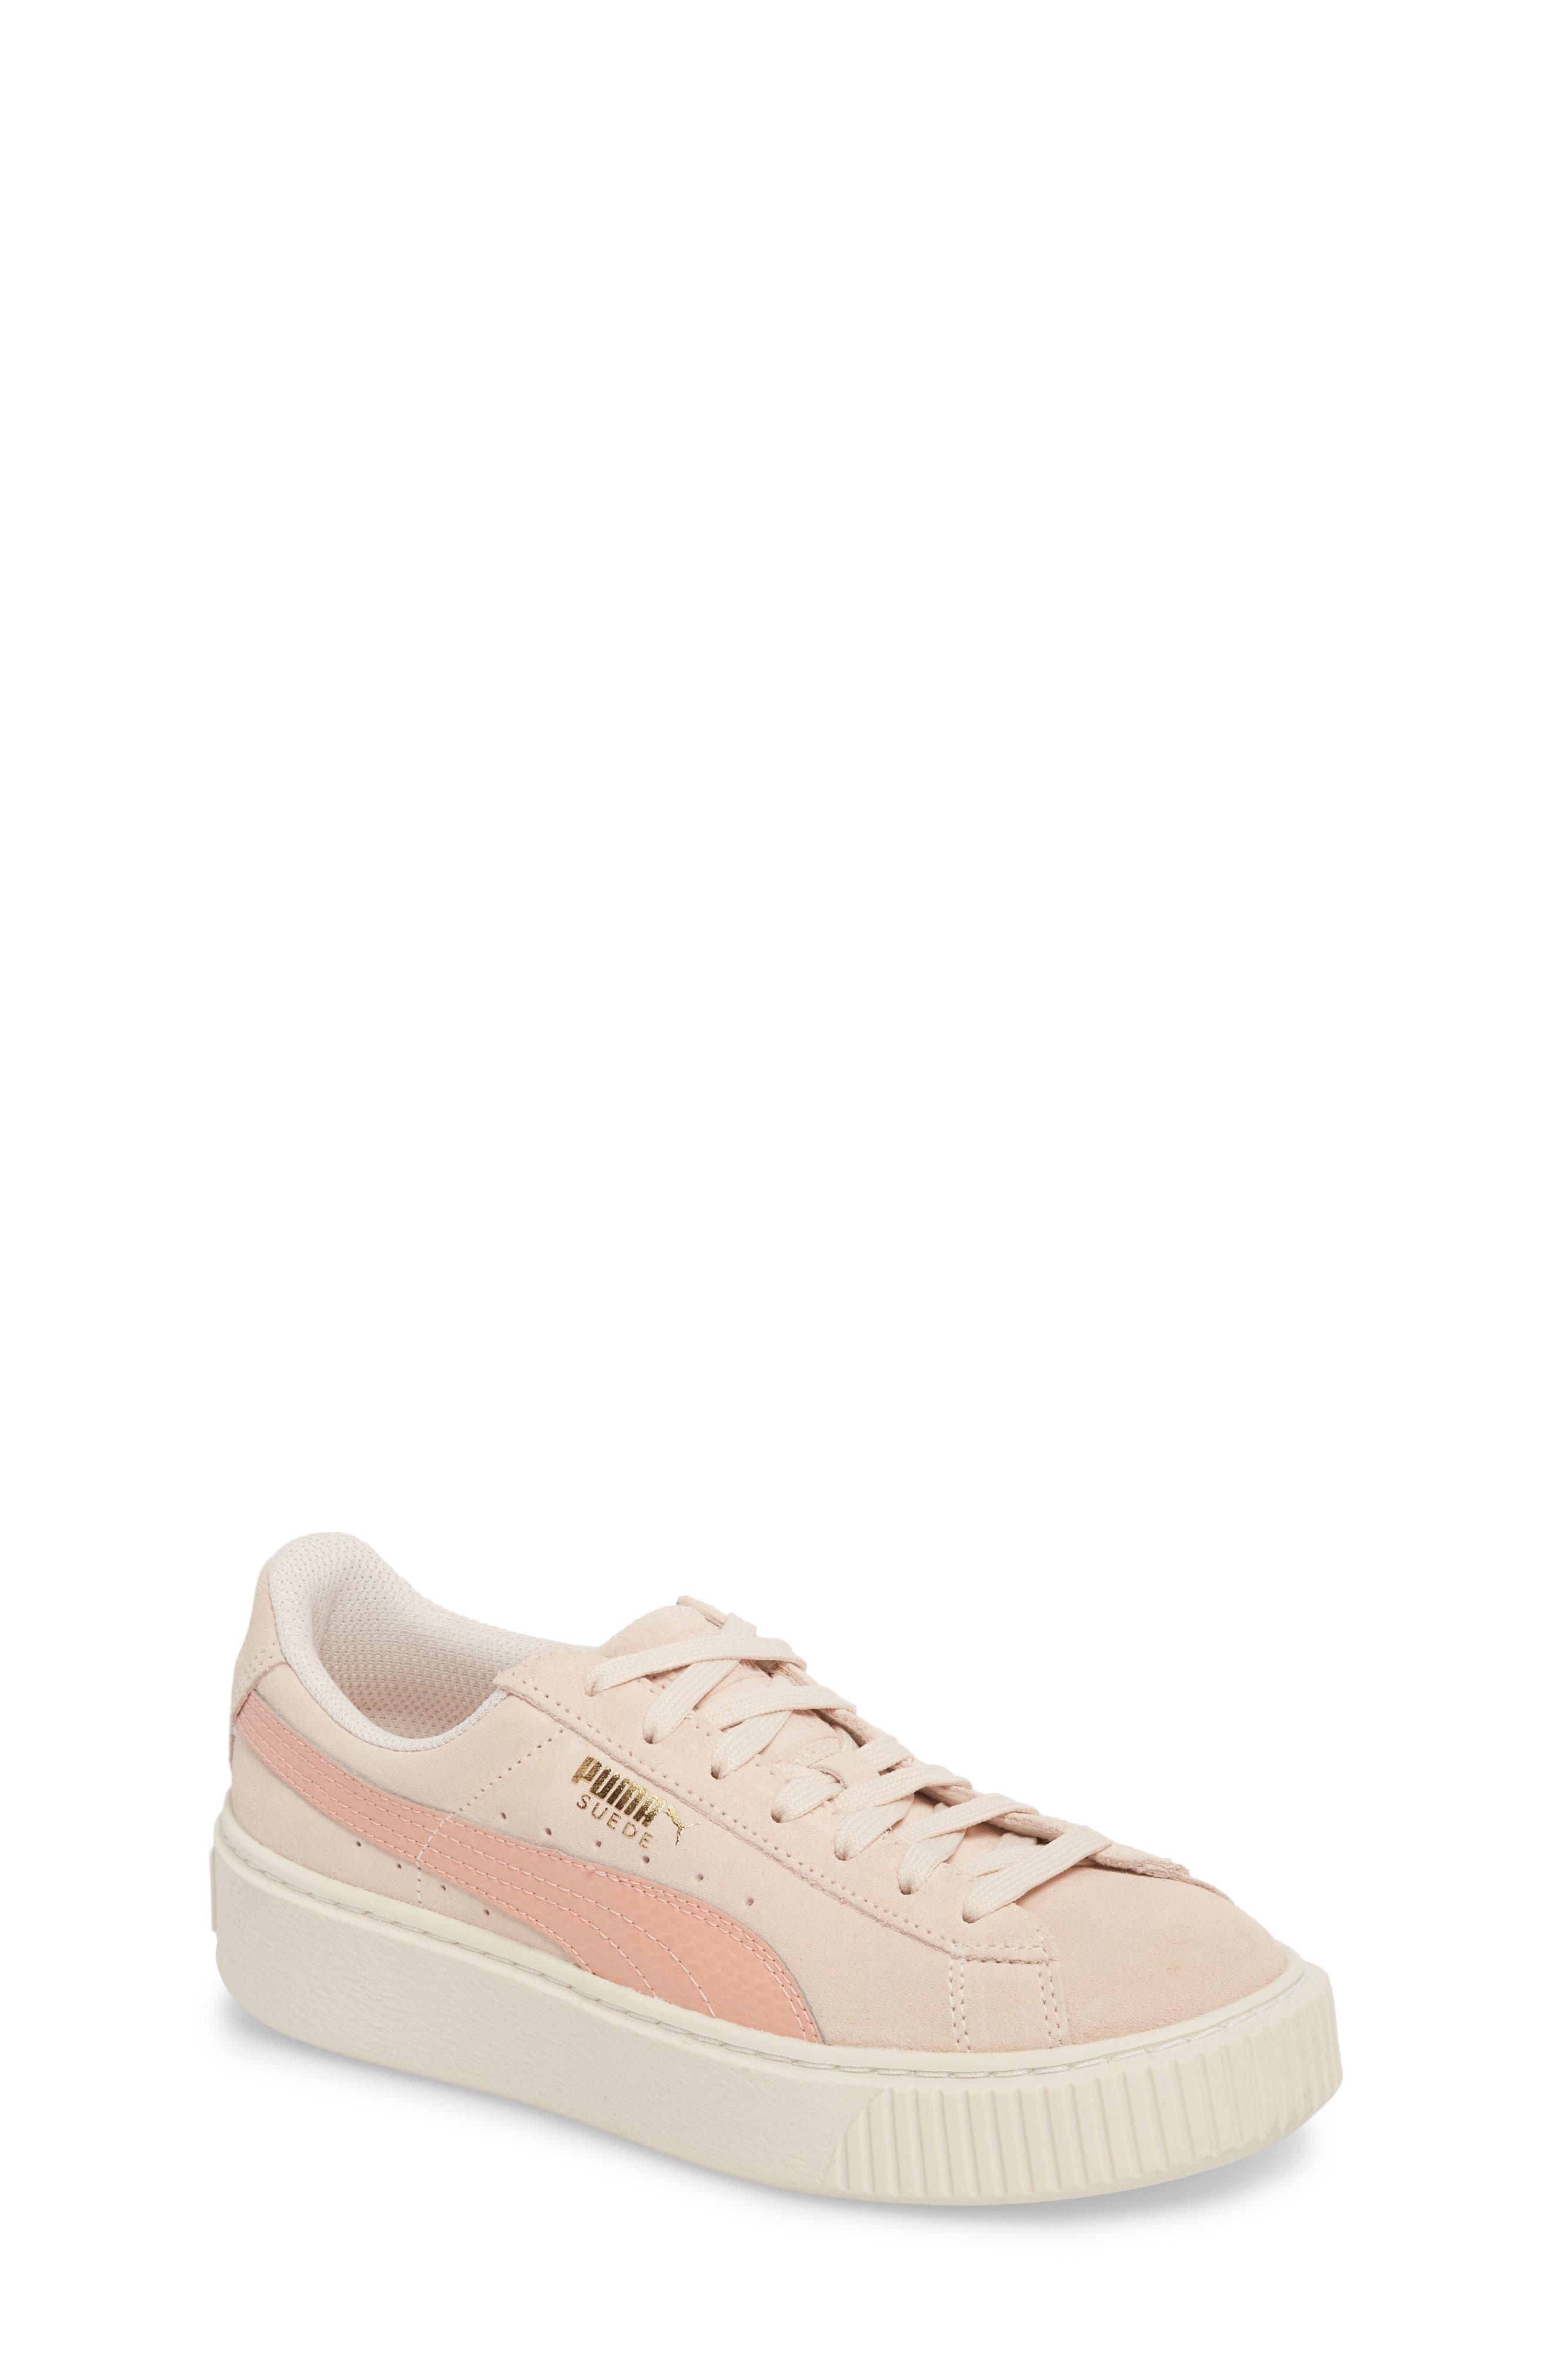 Suede Platform Jr Sneaker,                         Main,                         color, Pearl/ Peach Beige